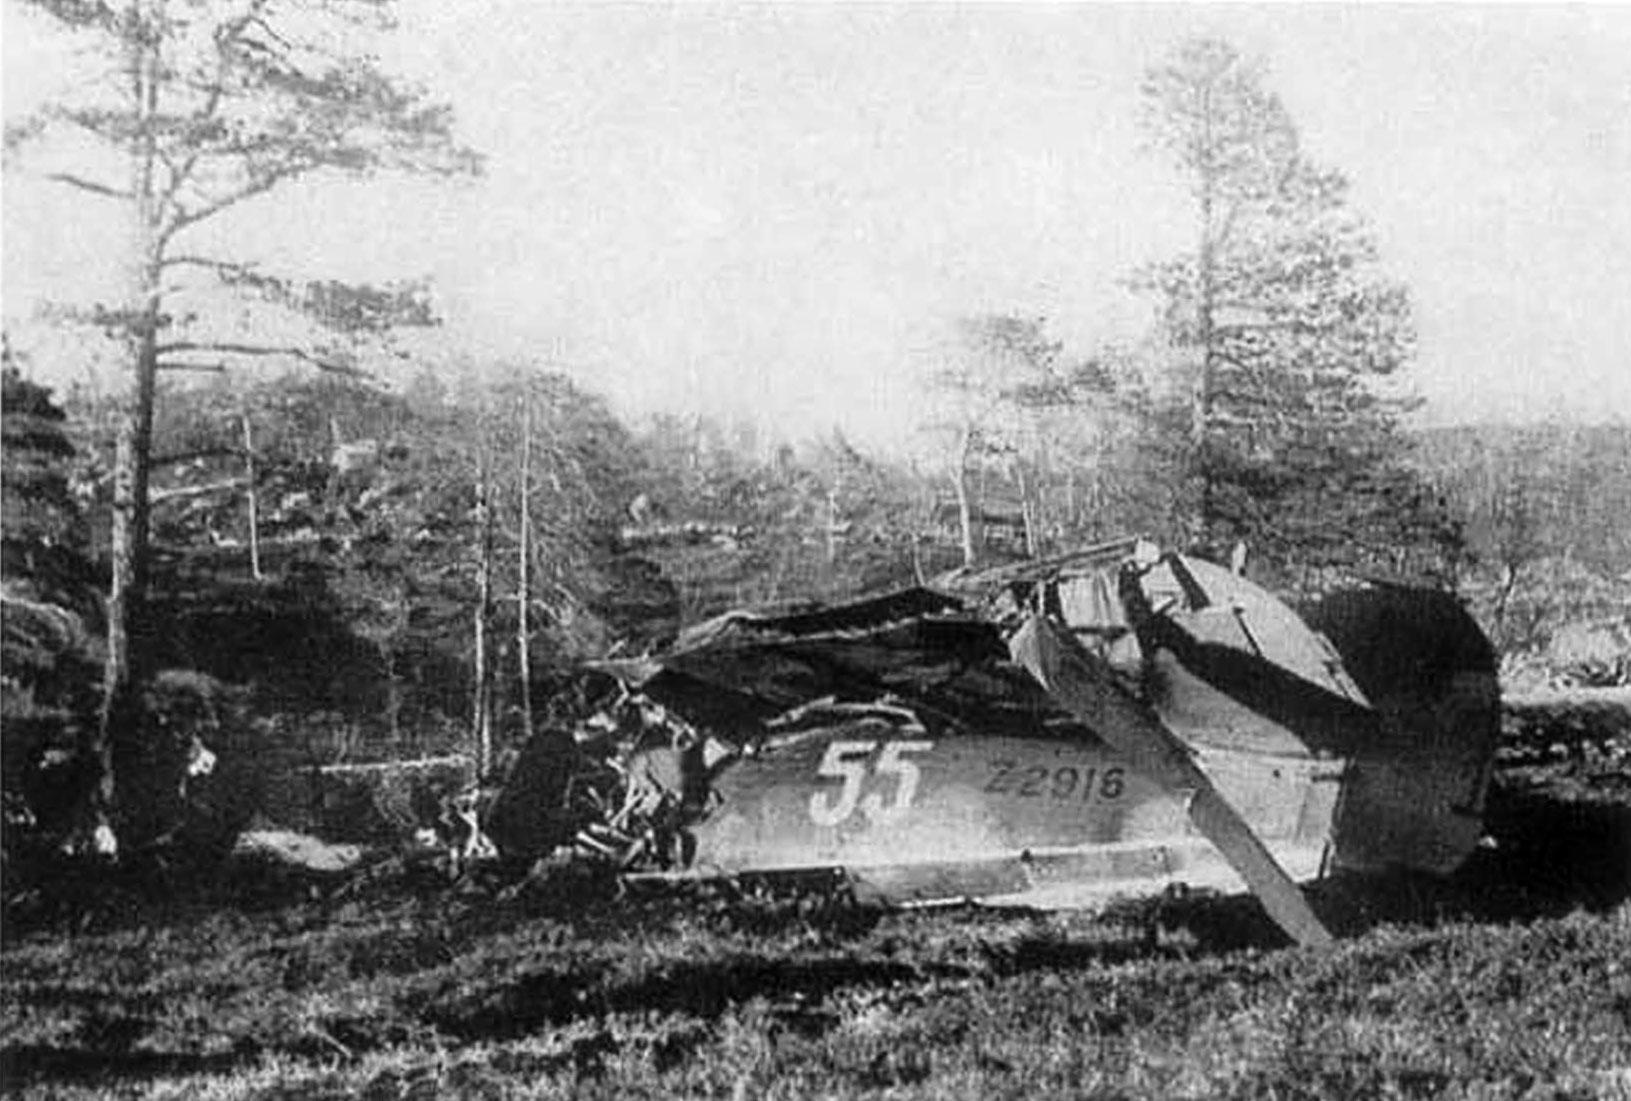 Hurricane IIb USSR White 55 RAF 331Sqn FNU Z2916 shot down Karelia 1942 01